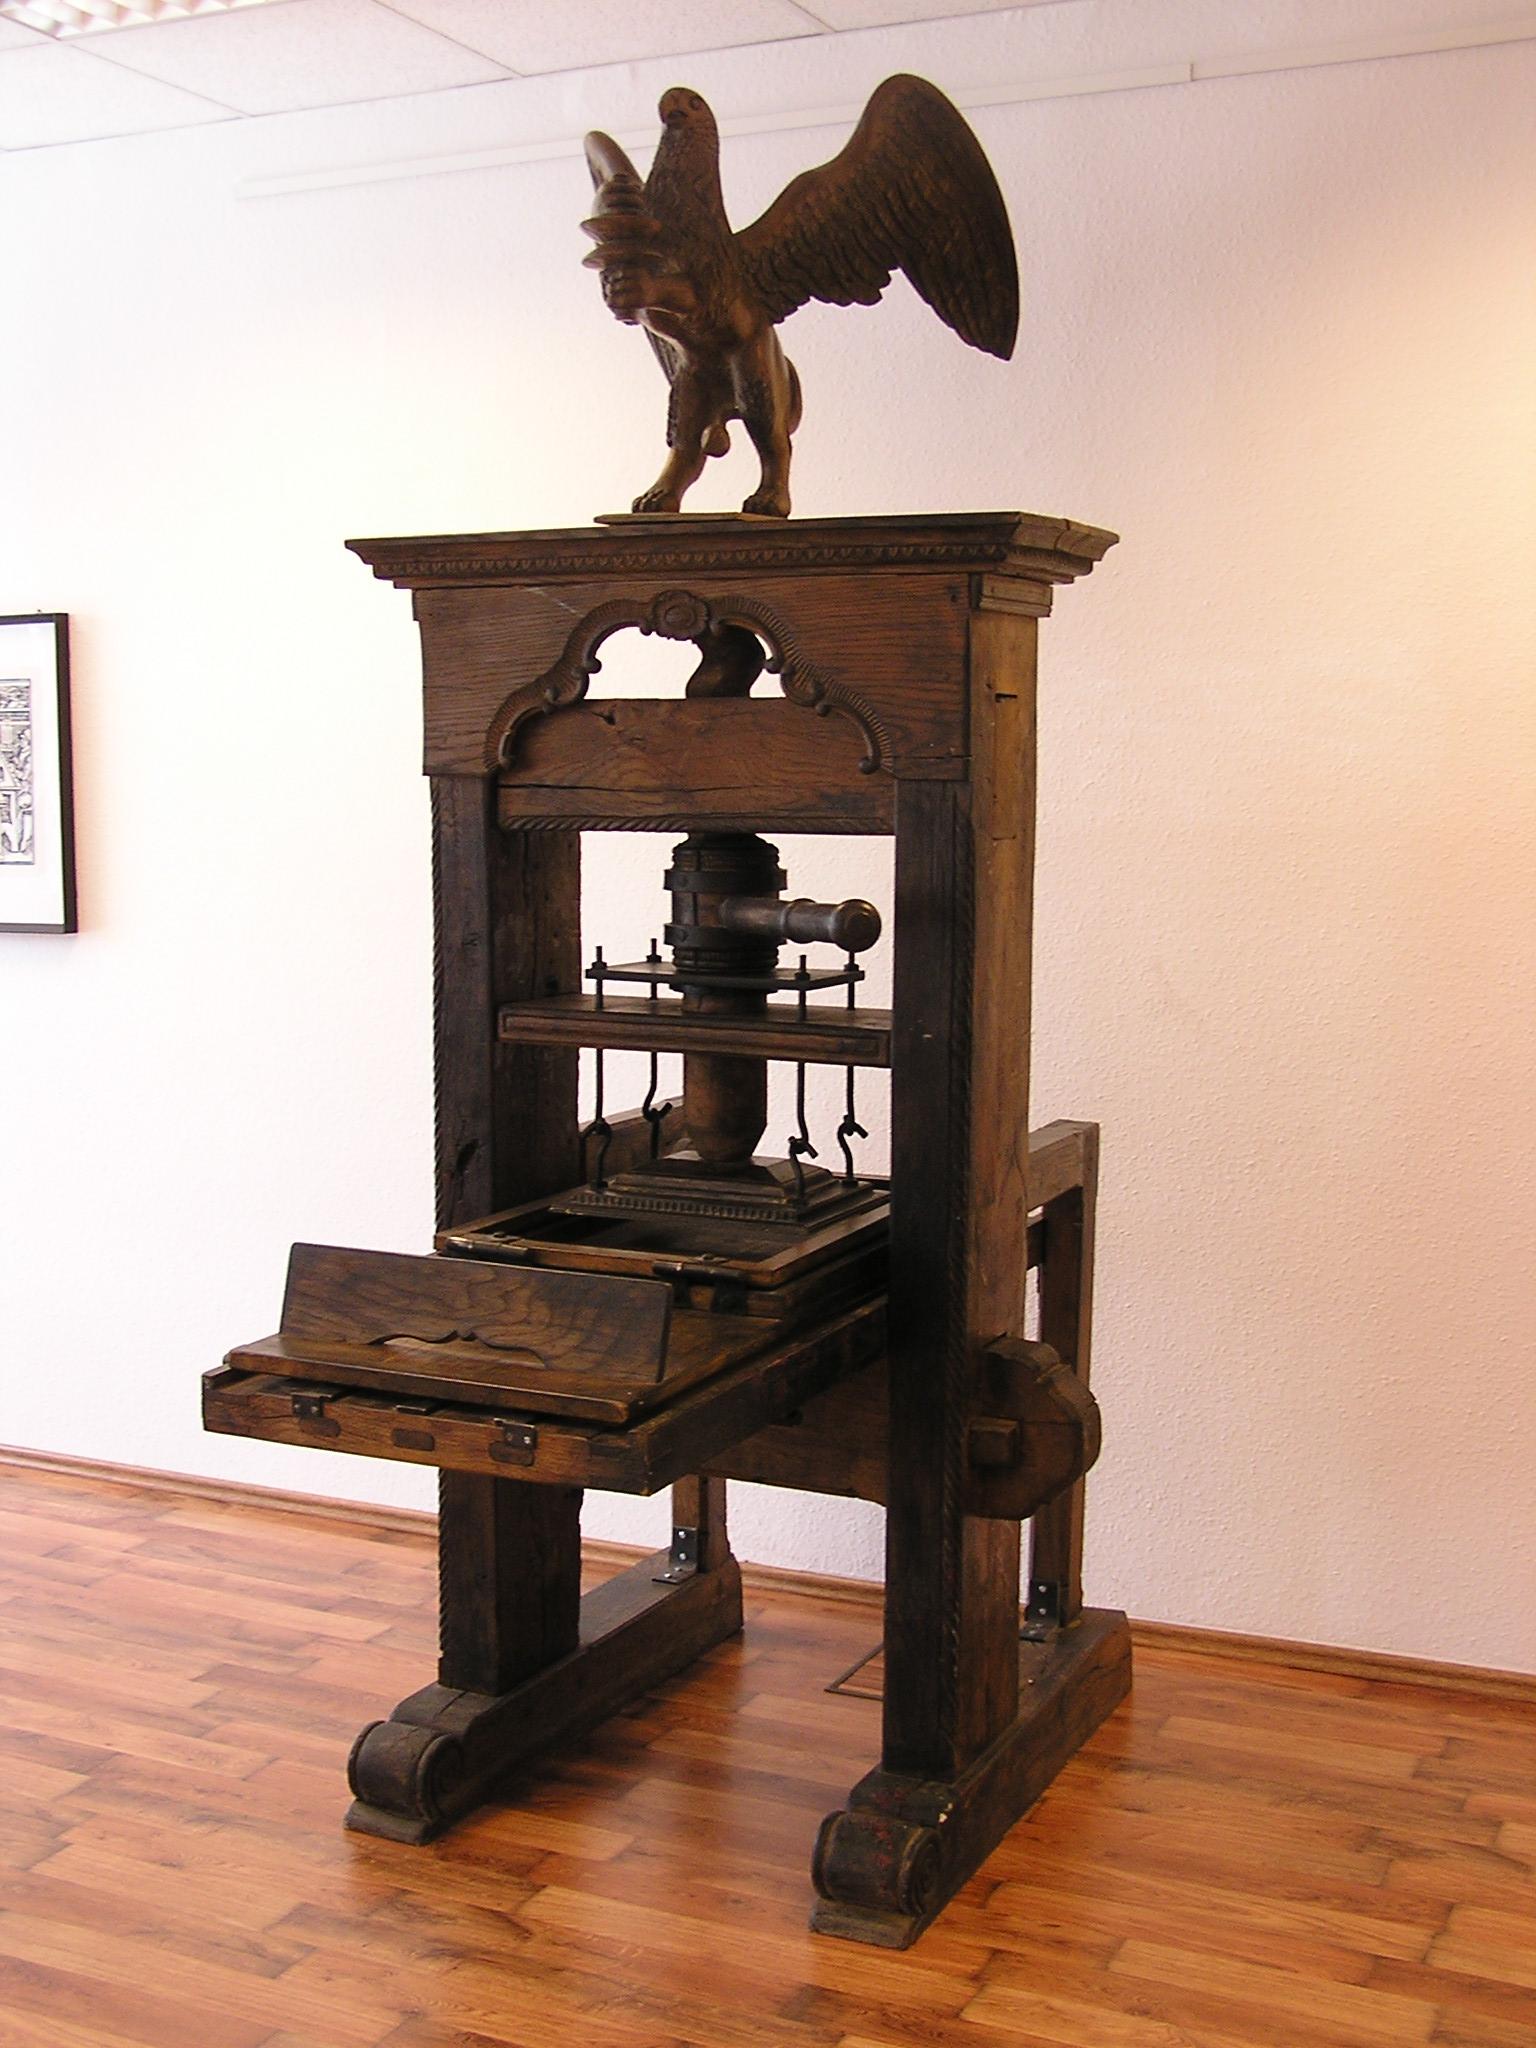 Riproduzione di una pressa a vite. L'originale risale al 1740. Foto: Museo dell'arte tipografica di Lipsia